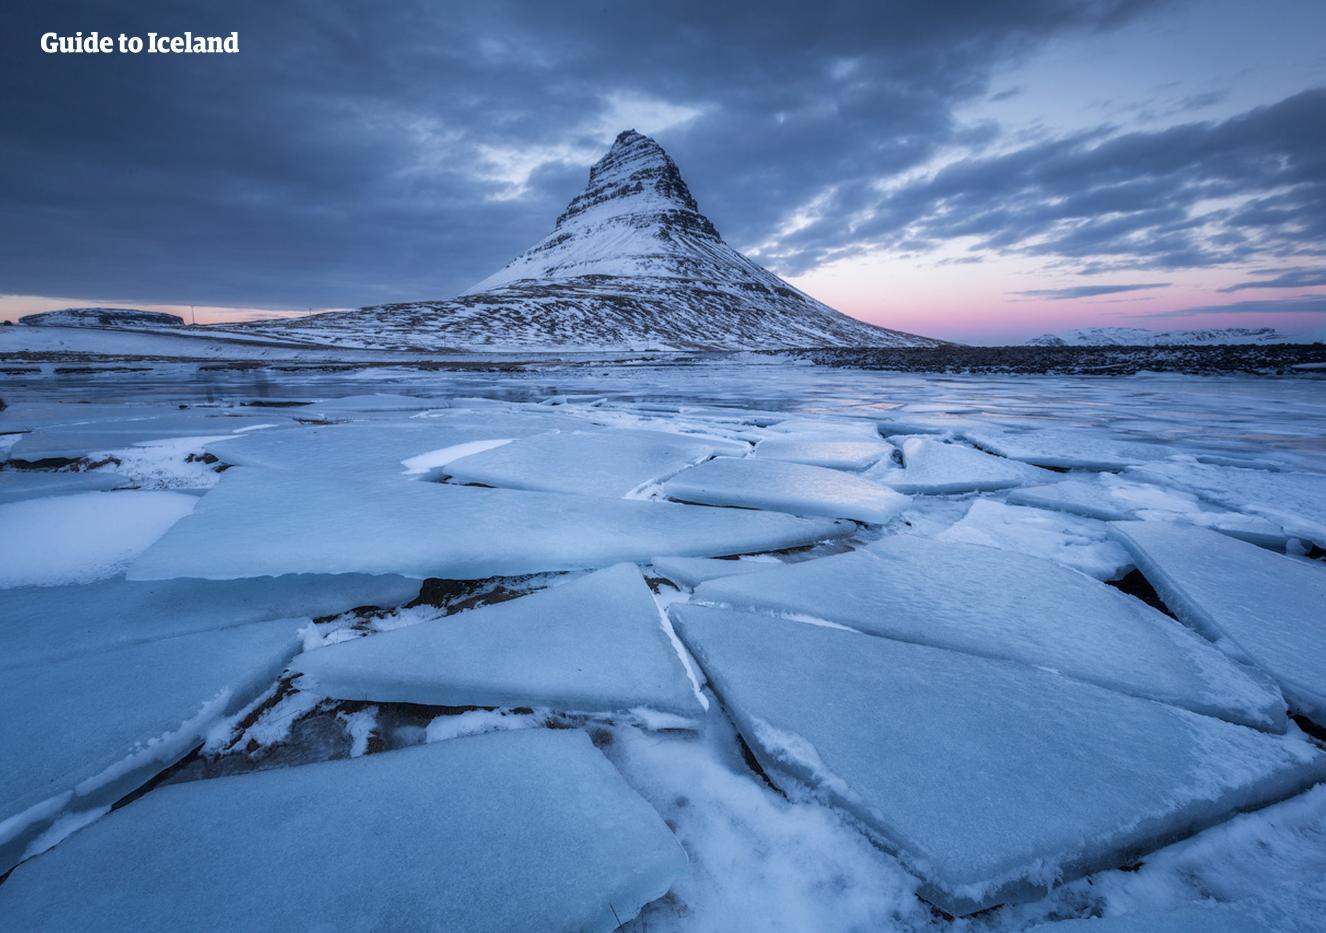 斯奈山半岛Grundarfjörður峡湾的教会山又称草帽山。